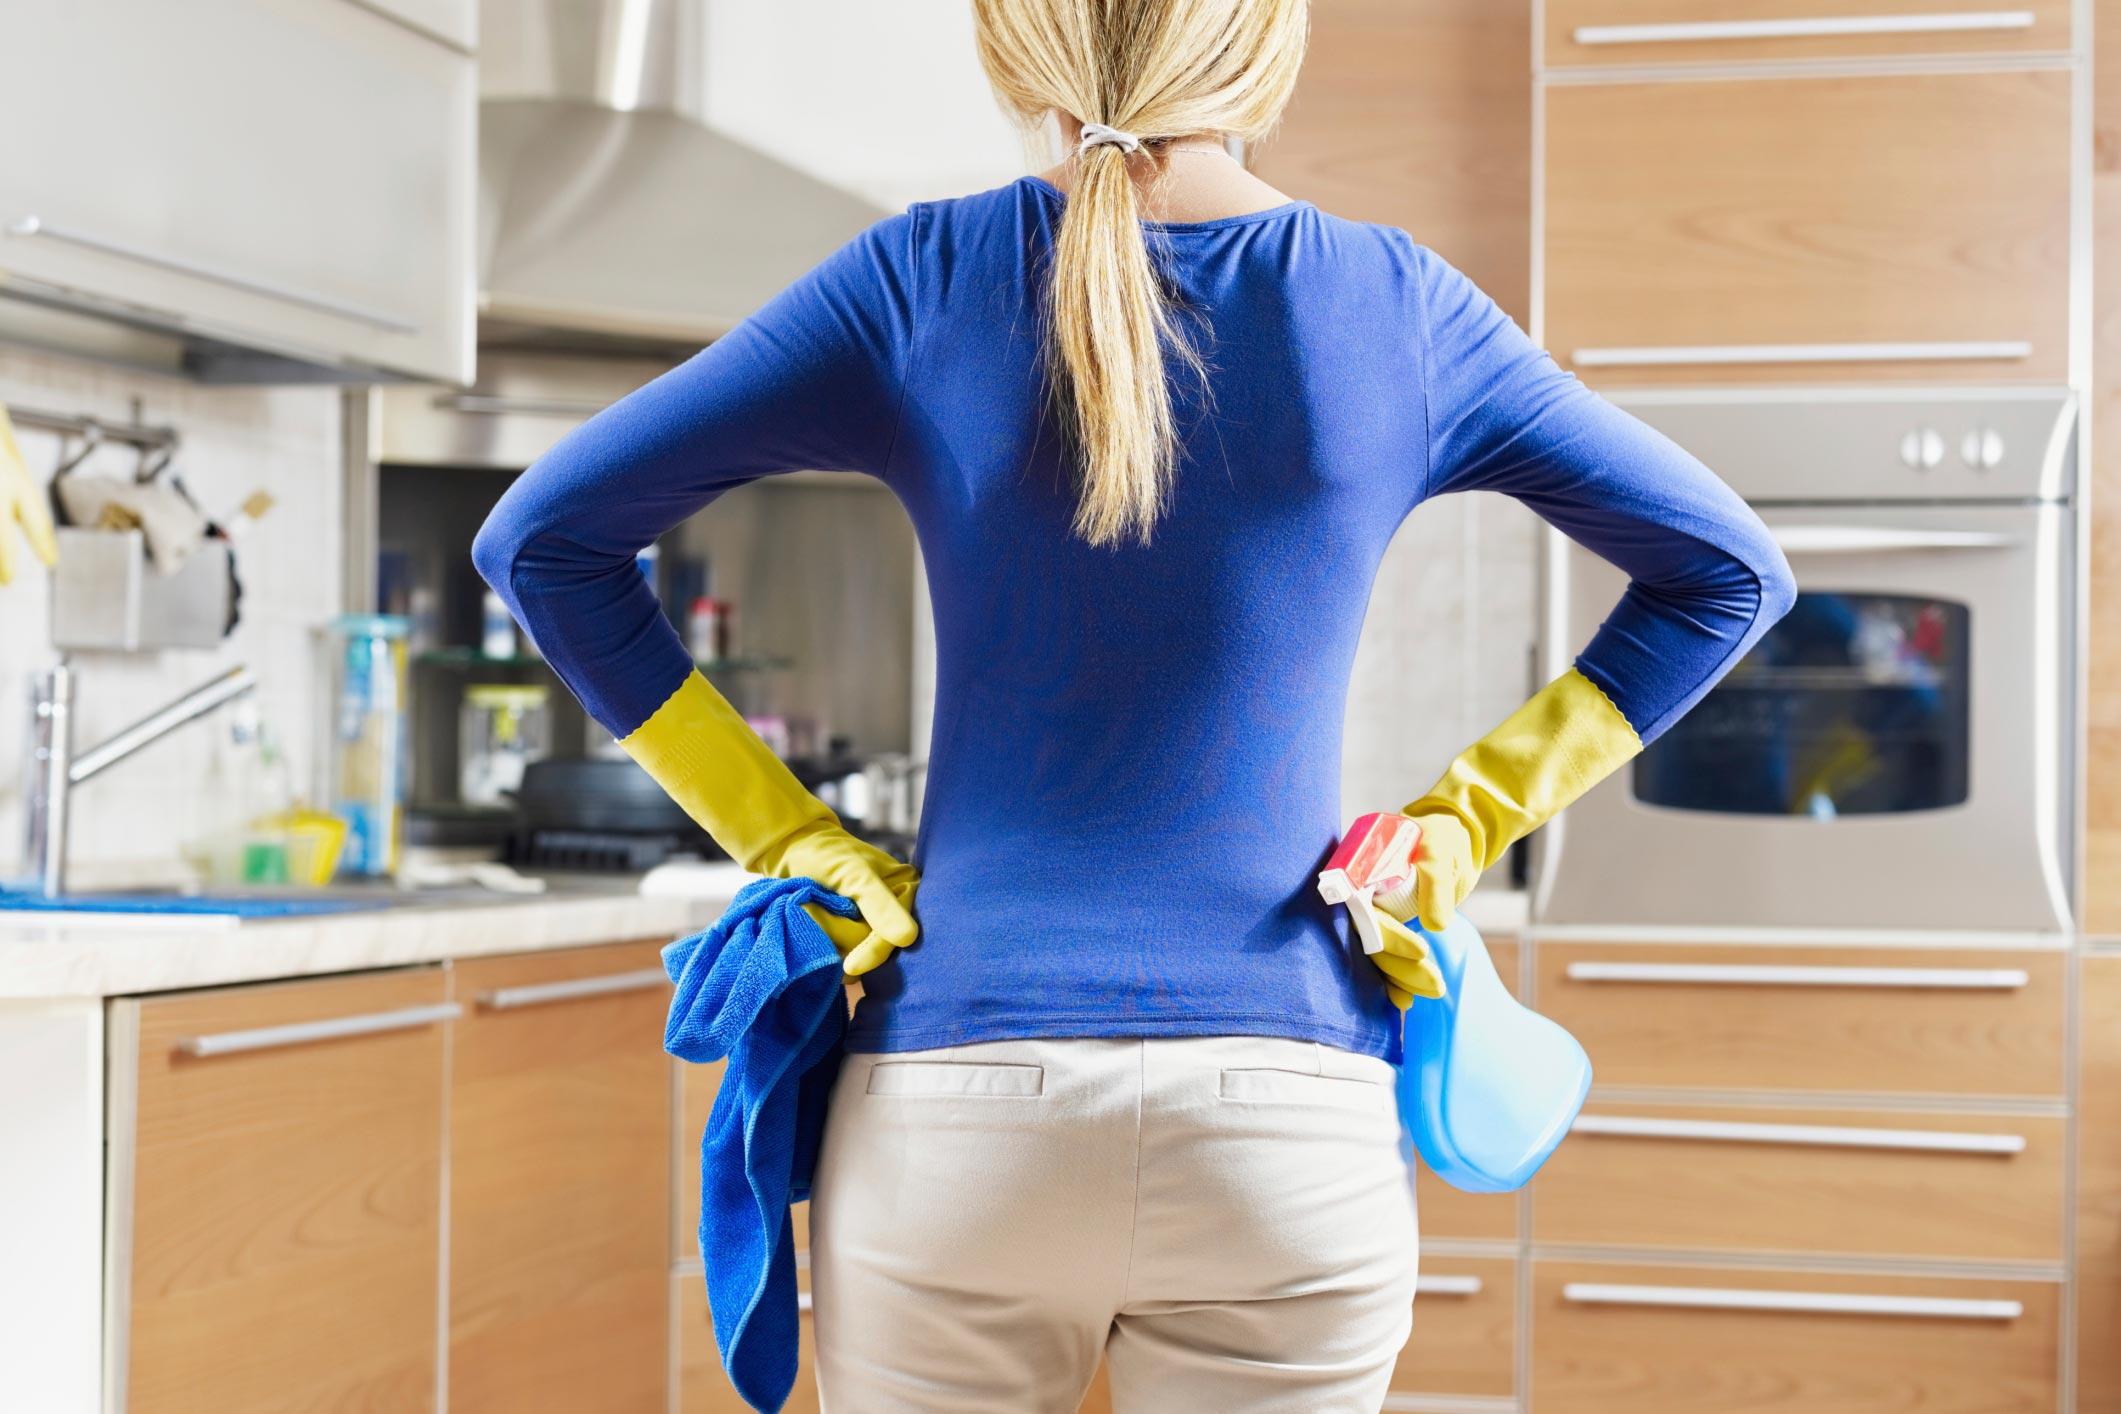 Хозяйка и уборщица 6 фотография